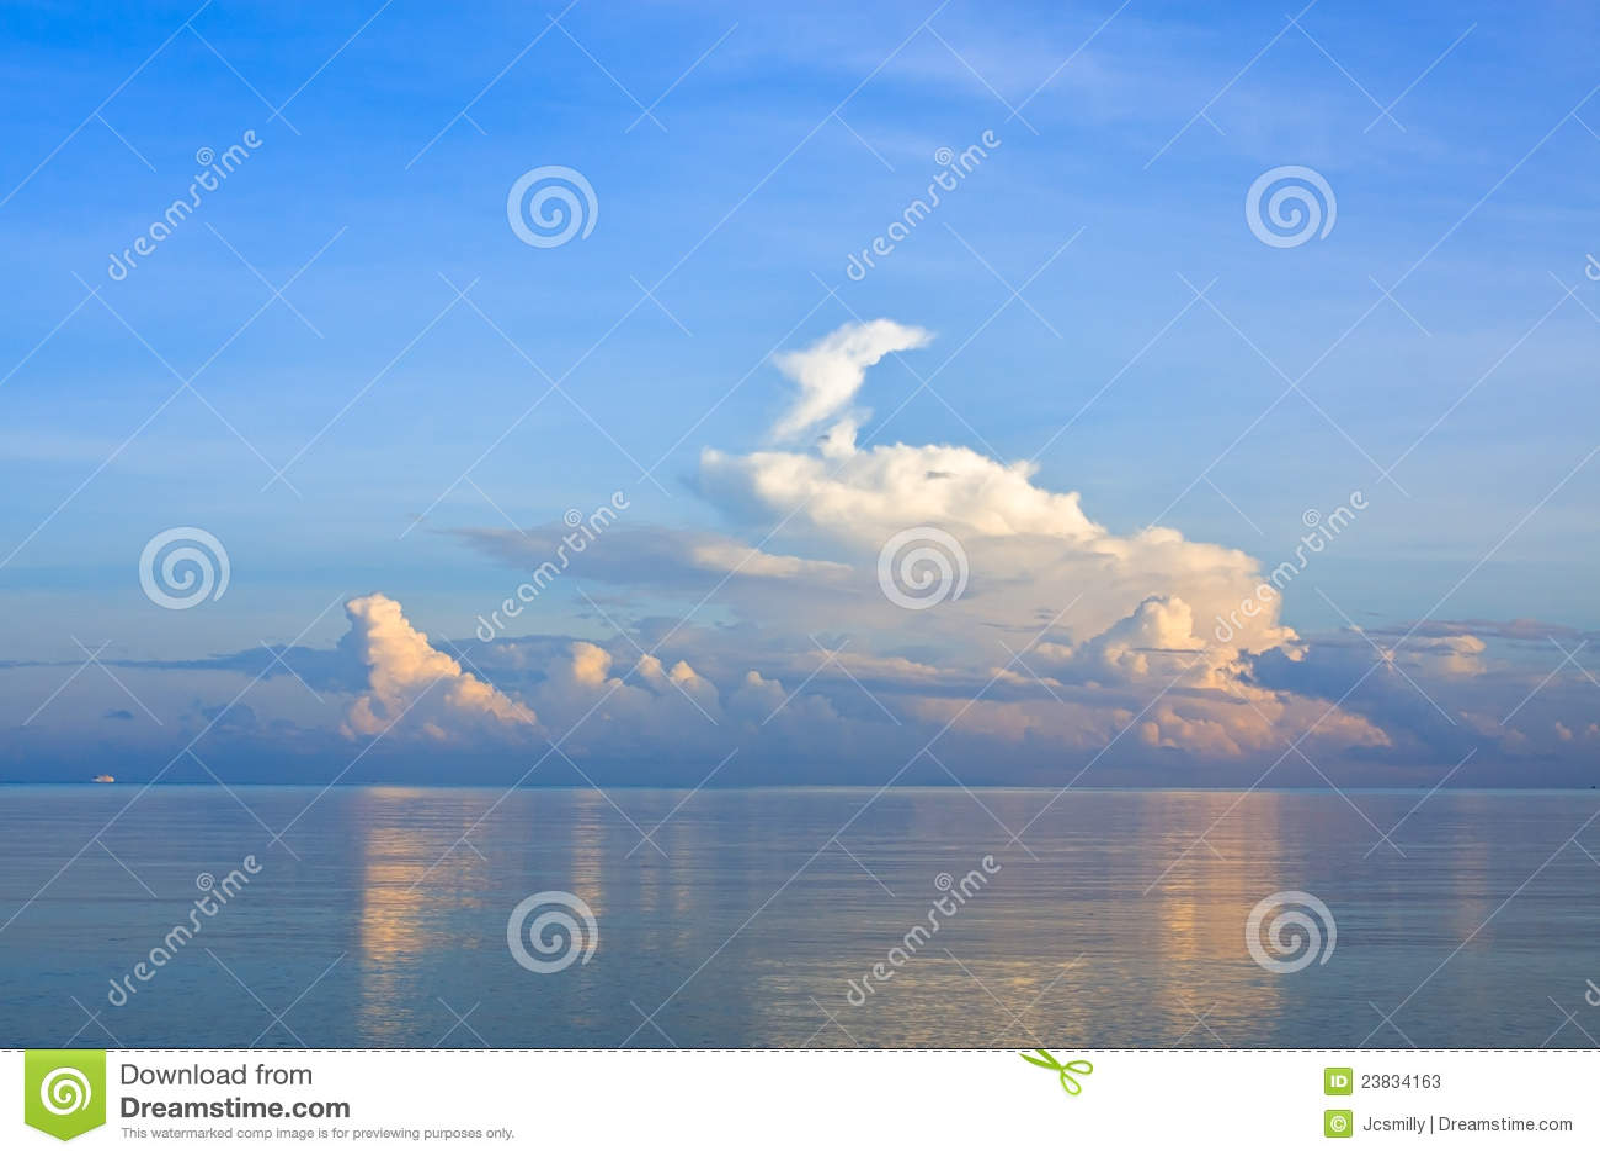 Tranquil scene sea landscape in the mornig